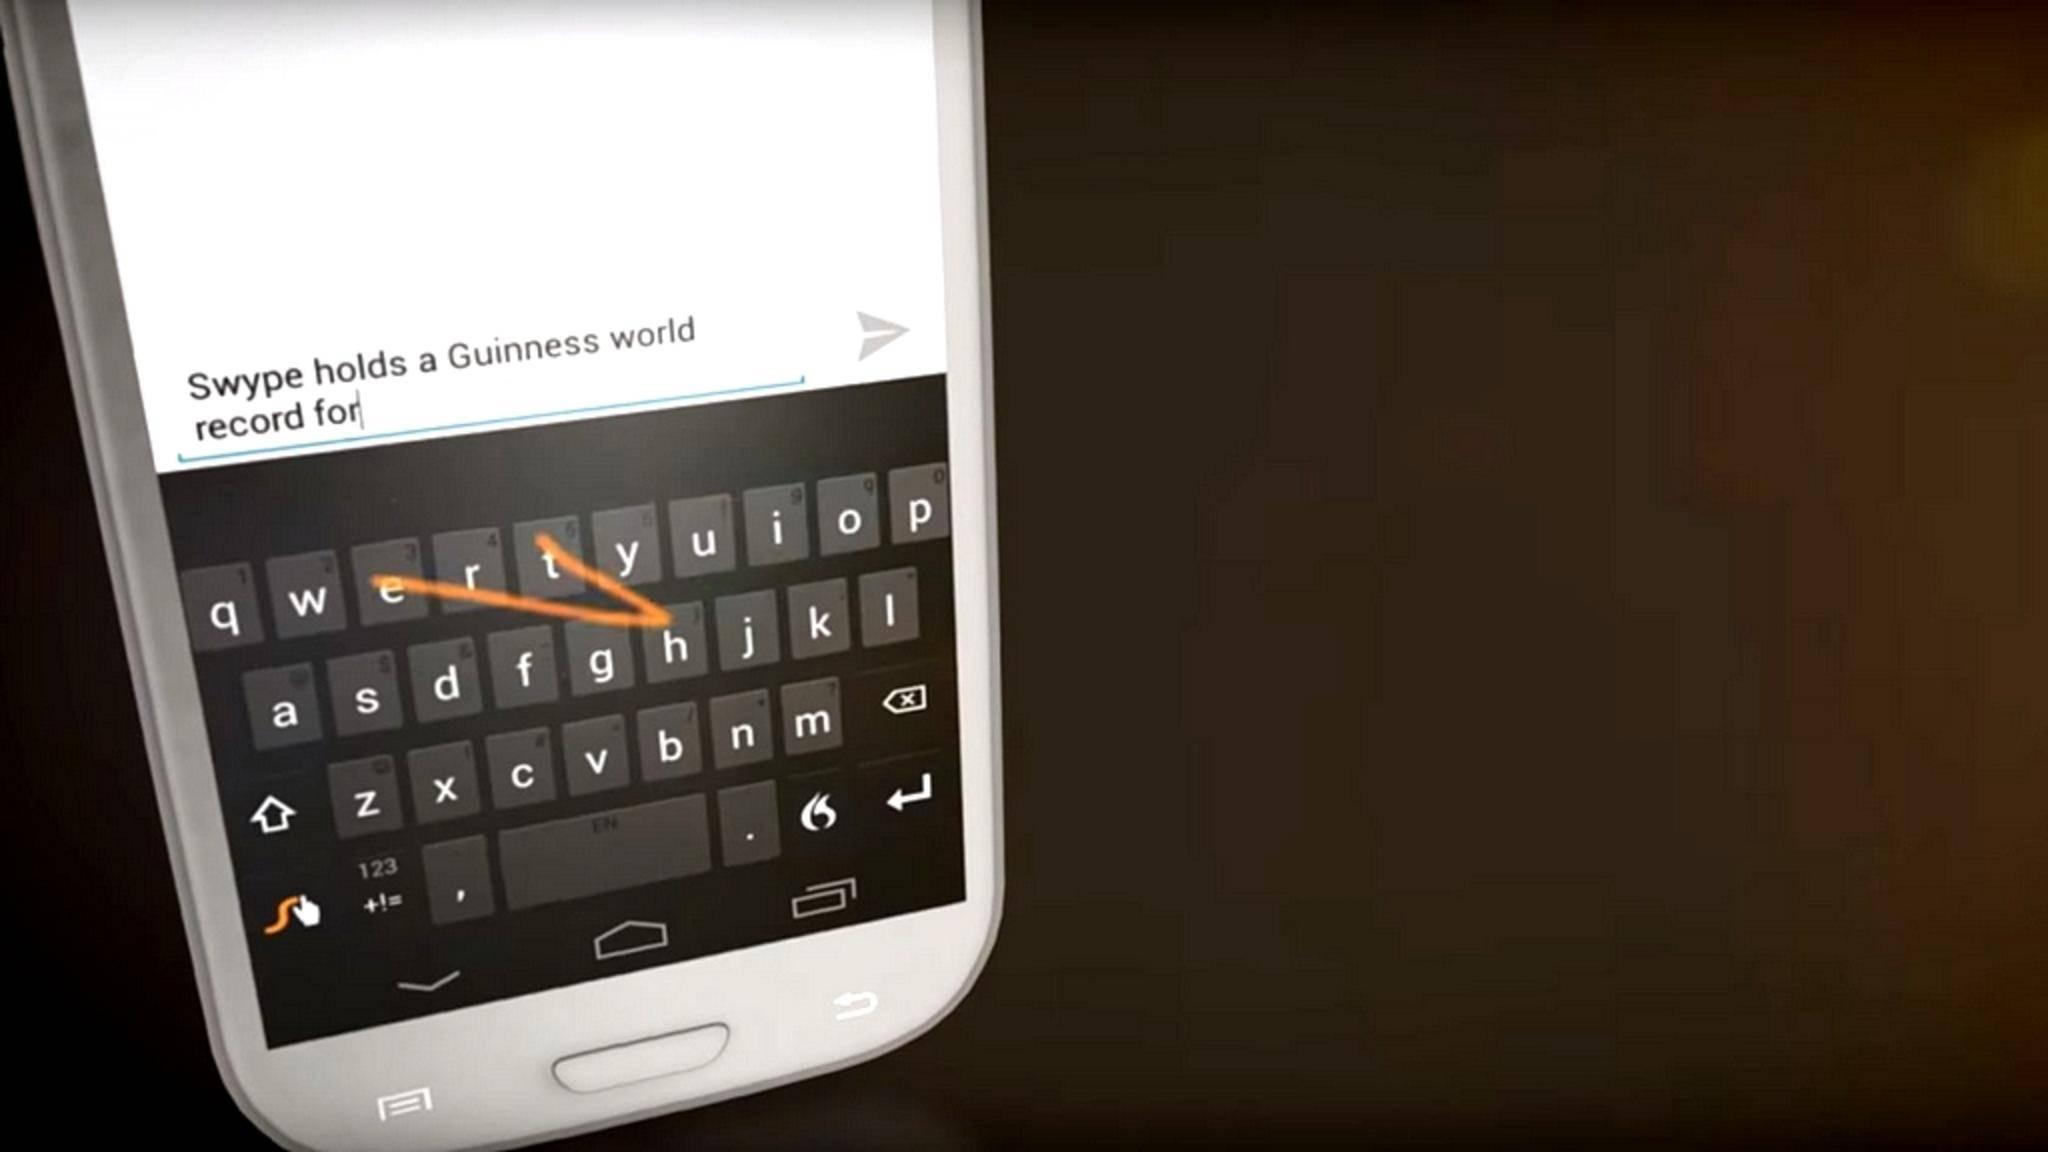 Swype: Beliebte Keyboard-App wird eingestellt